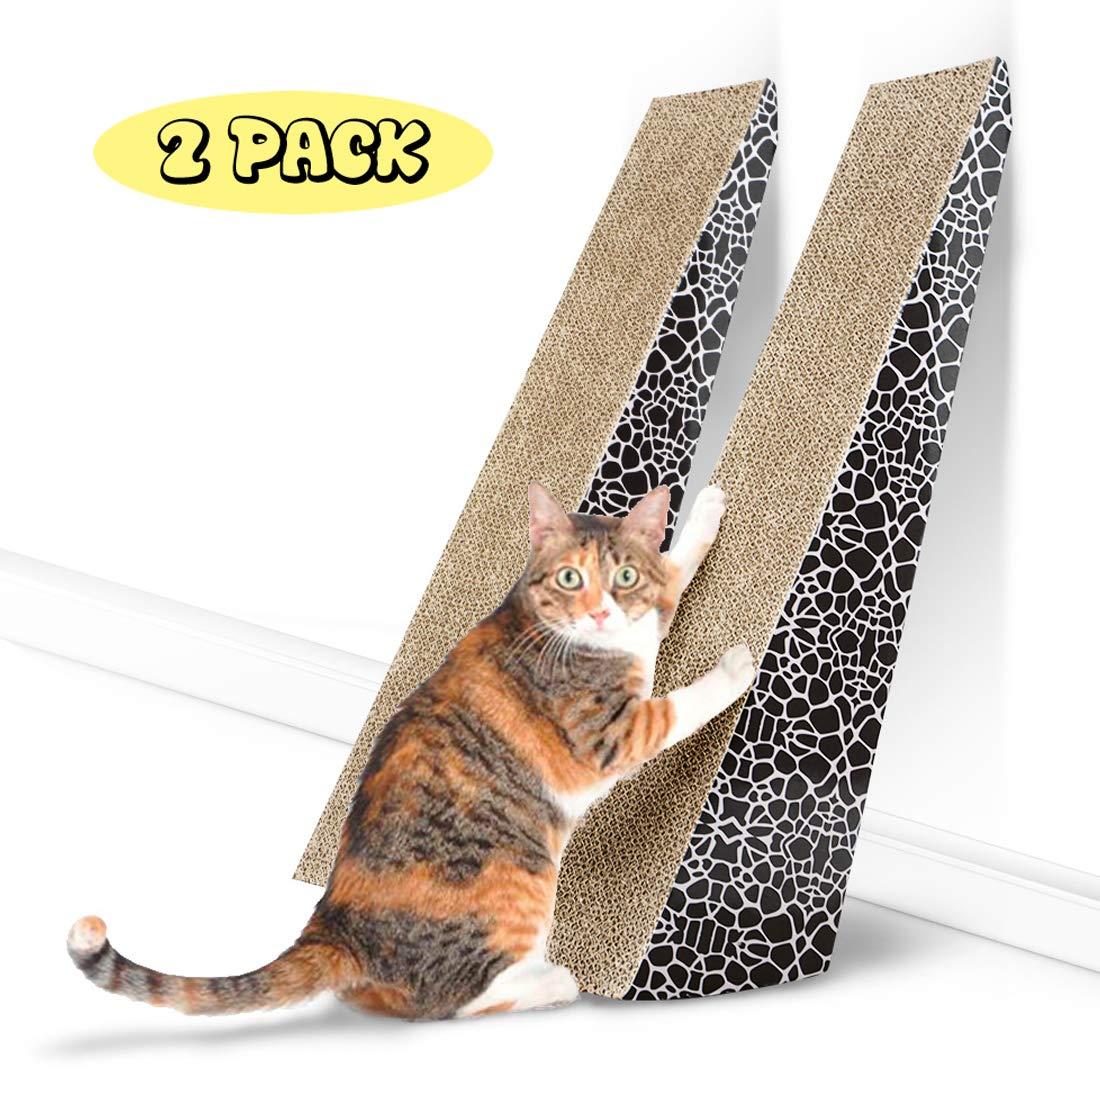 FUKUMARU Pet Vertical Scratching Post Cat Scratcher, Cat Cardboard Furniture Toy with Catnip(2 Pack) by FUKUMARU